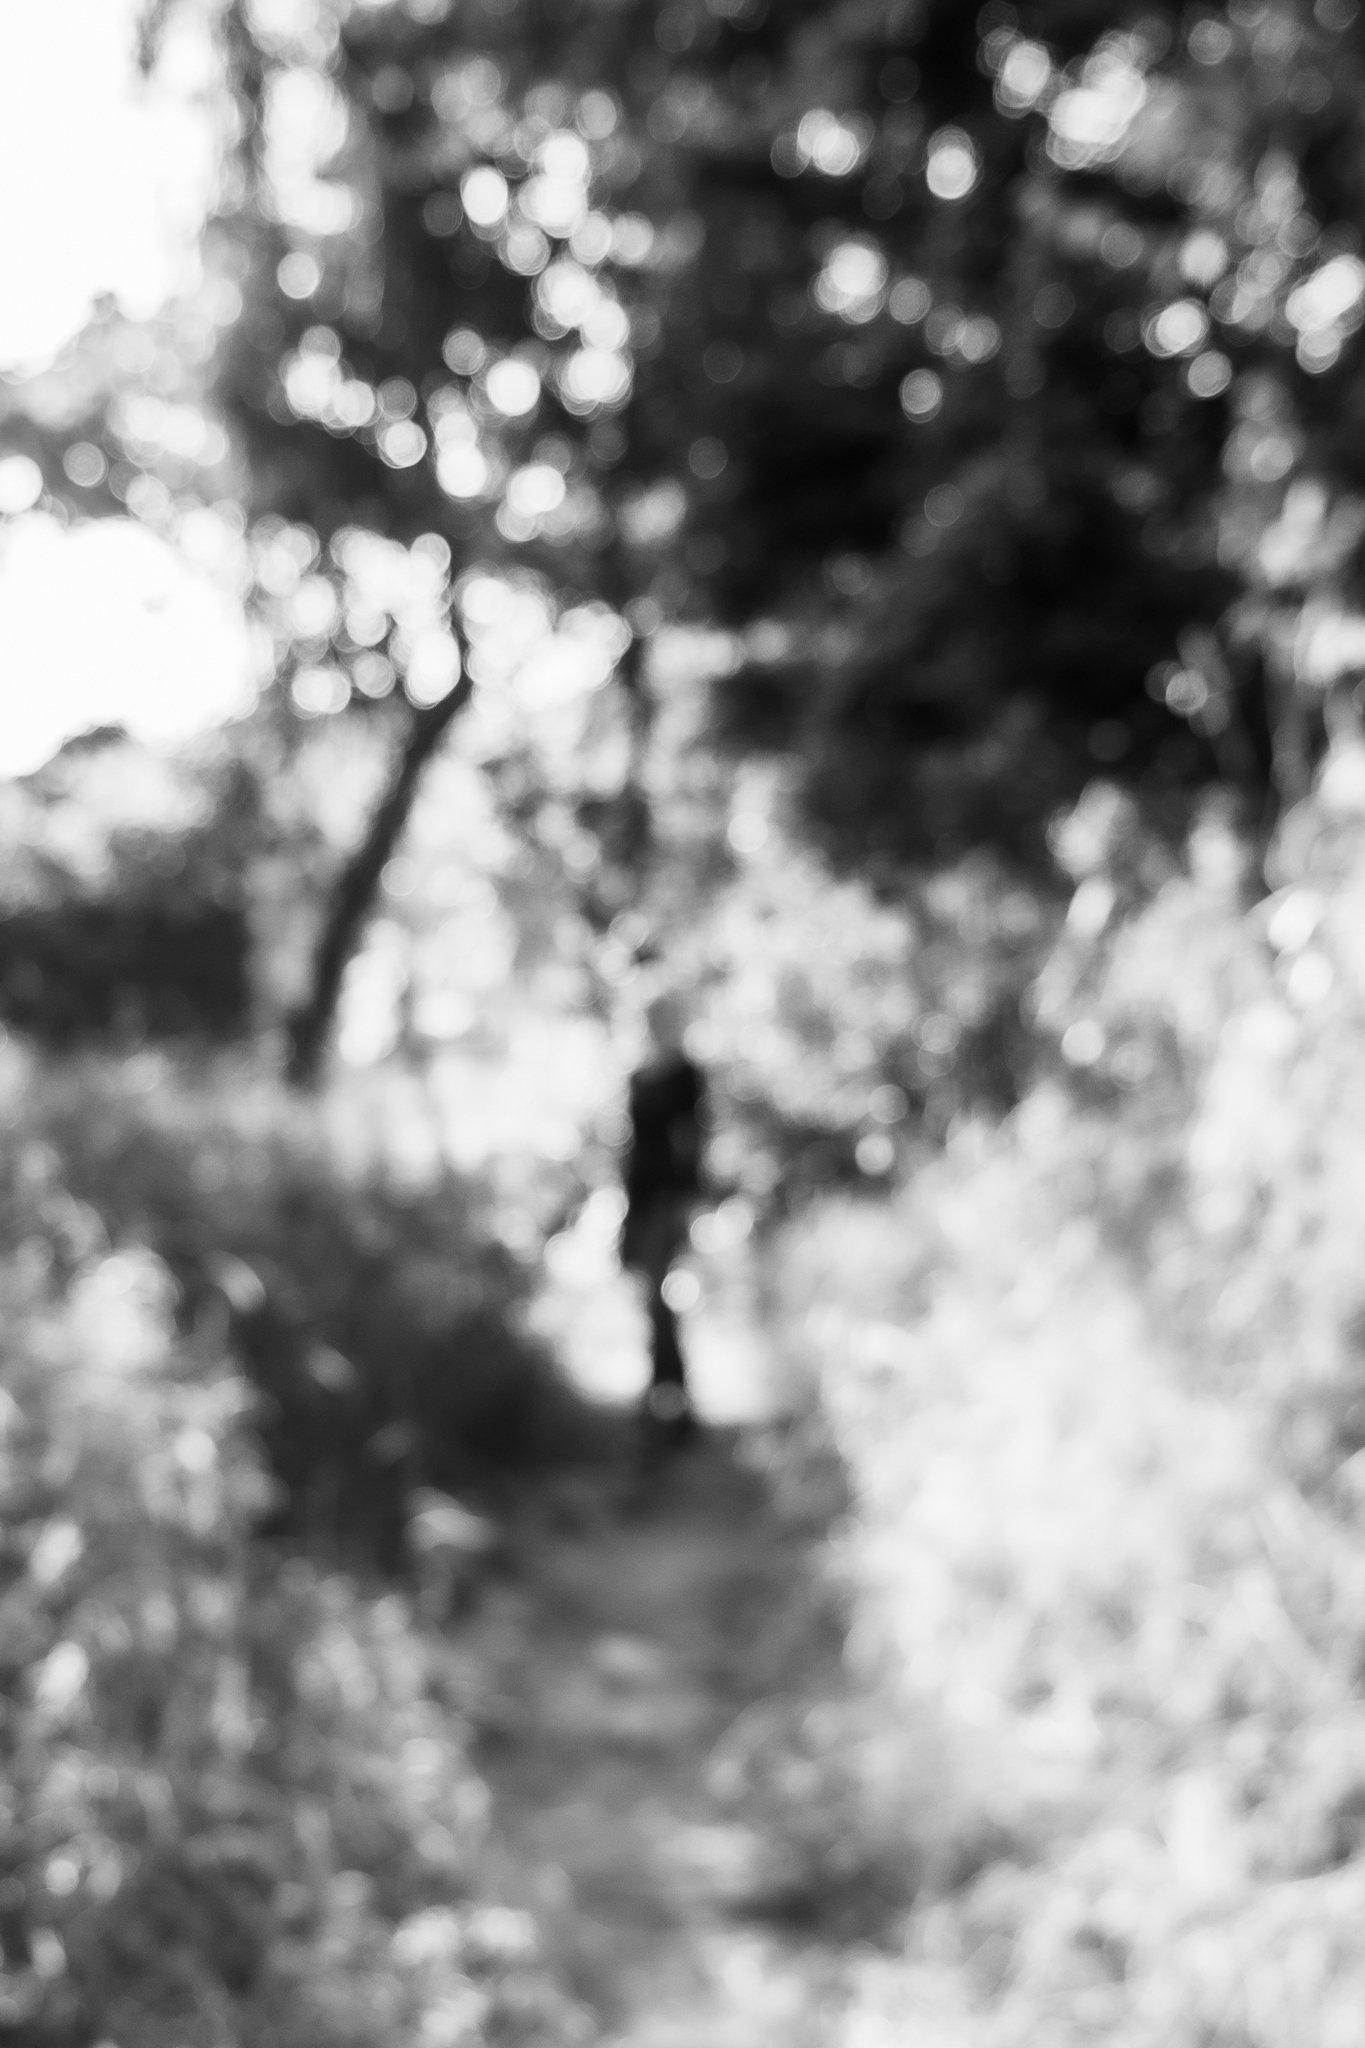 21. Walking